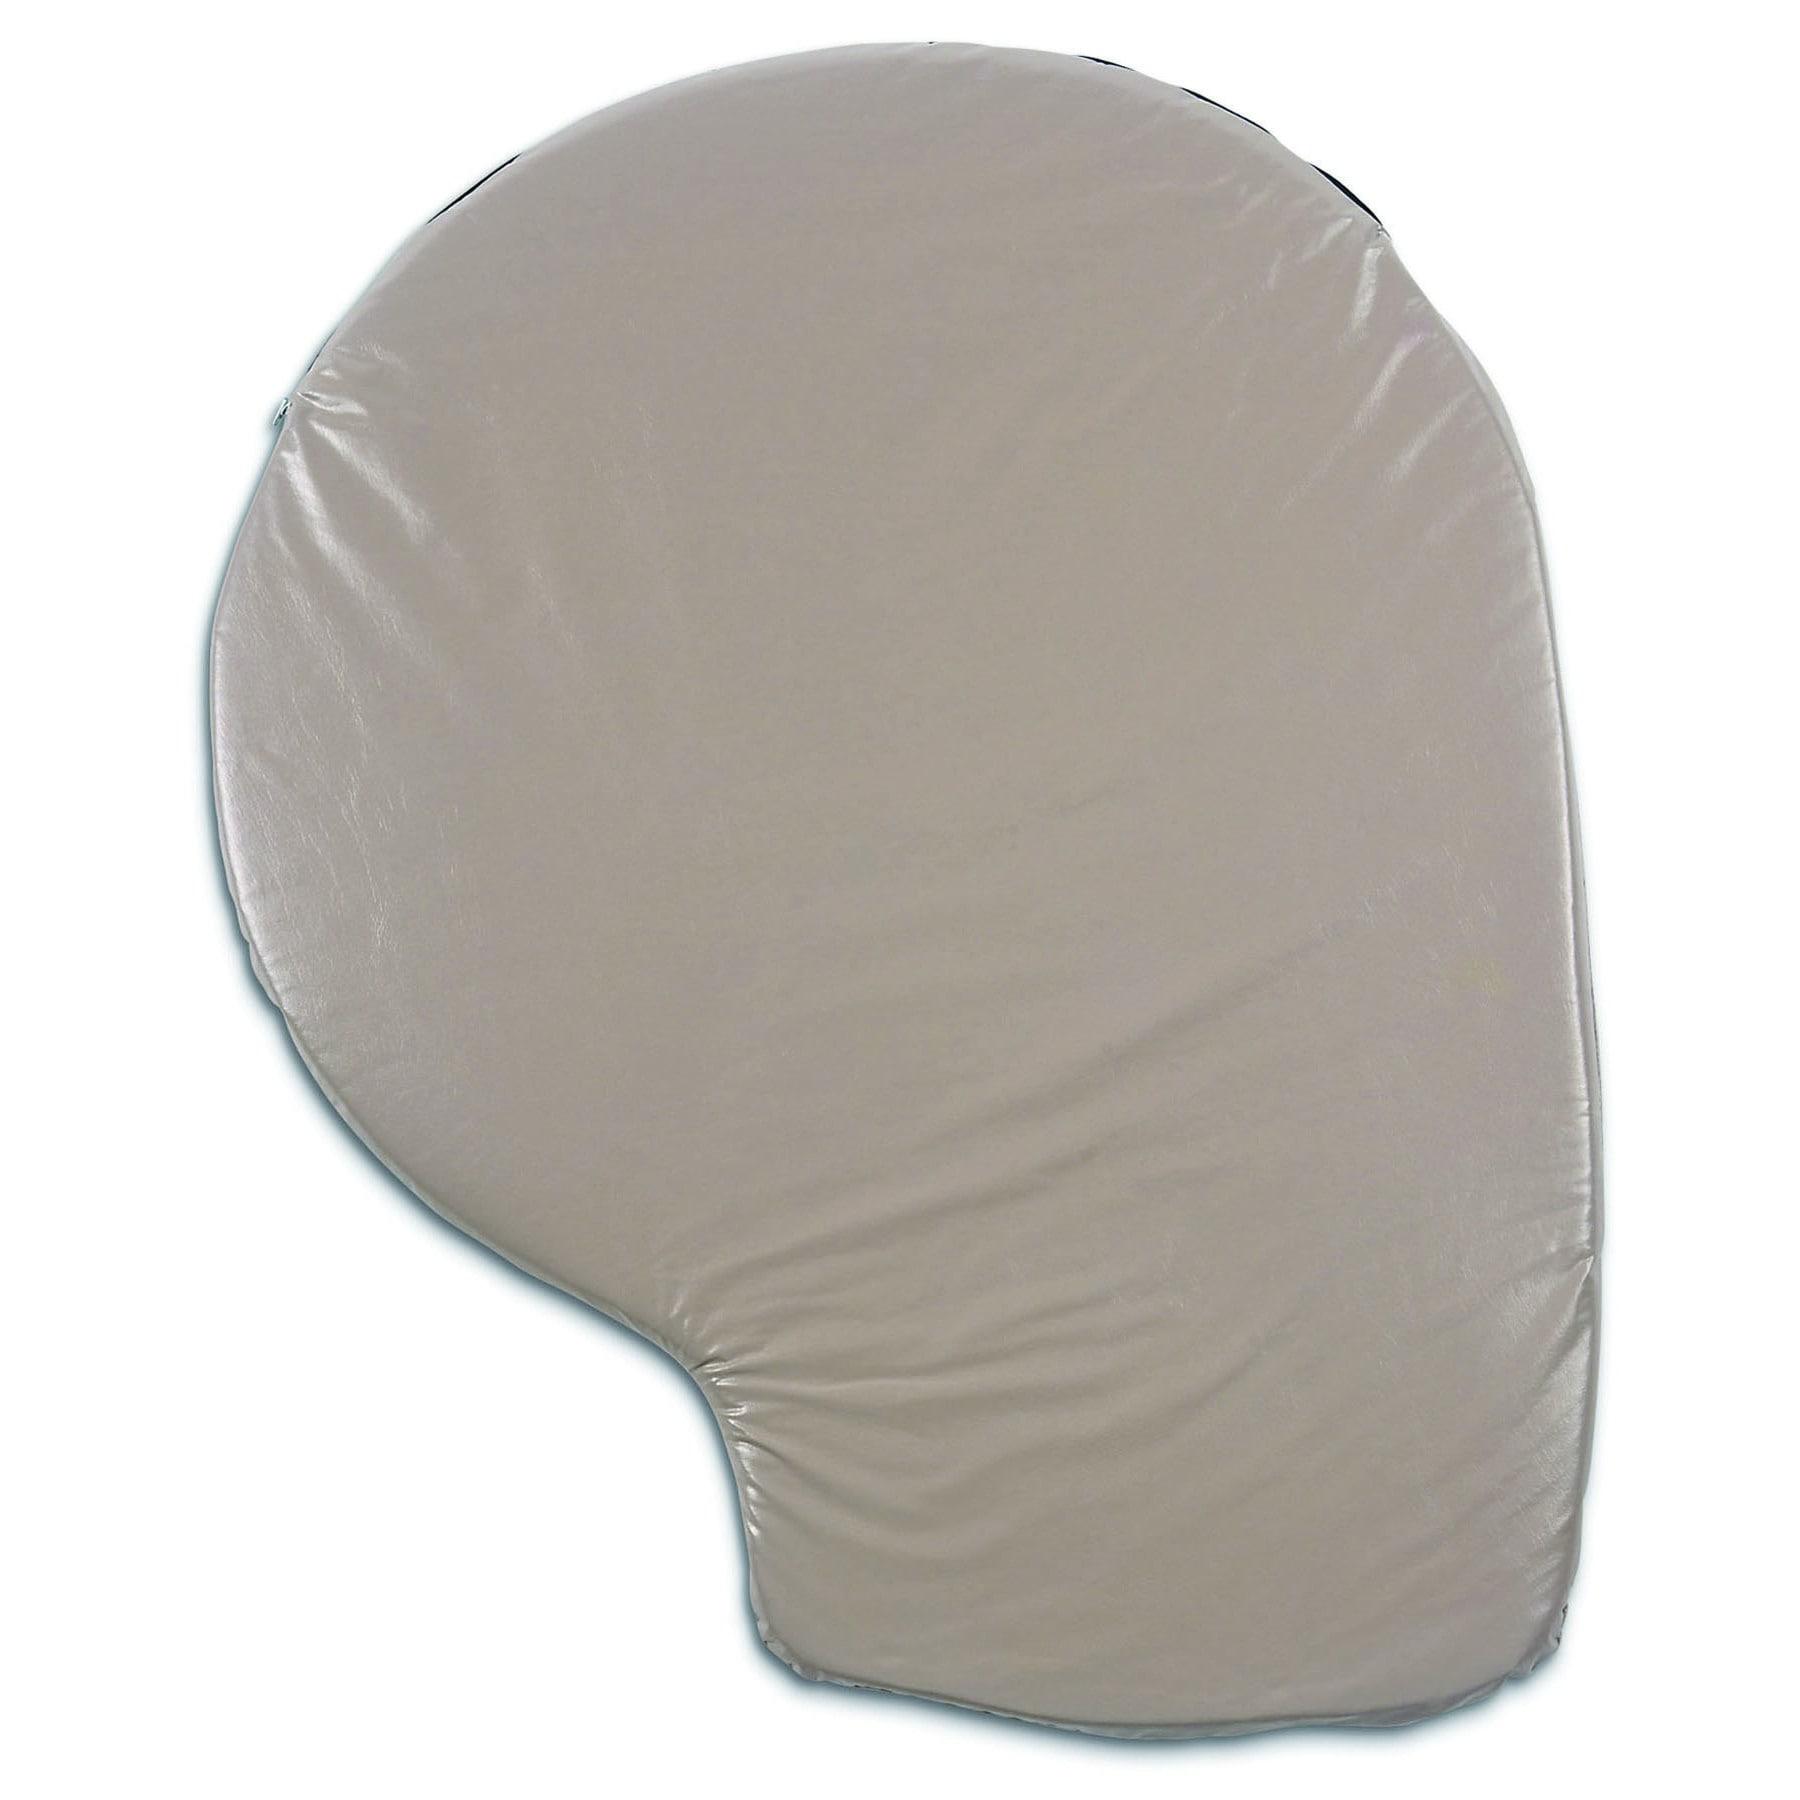 Petmate Indigo Pad (90-125LB), Tan